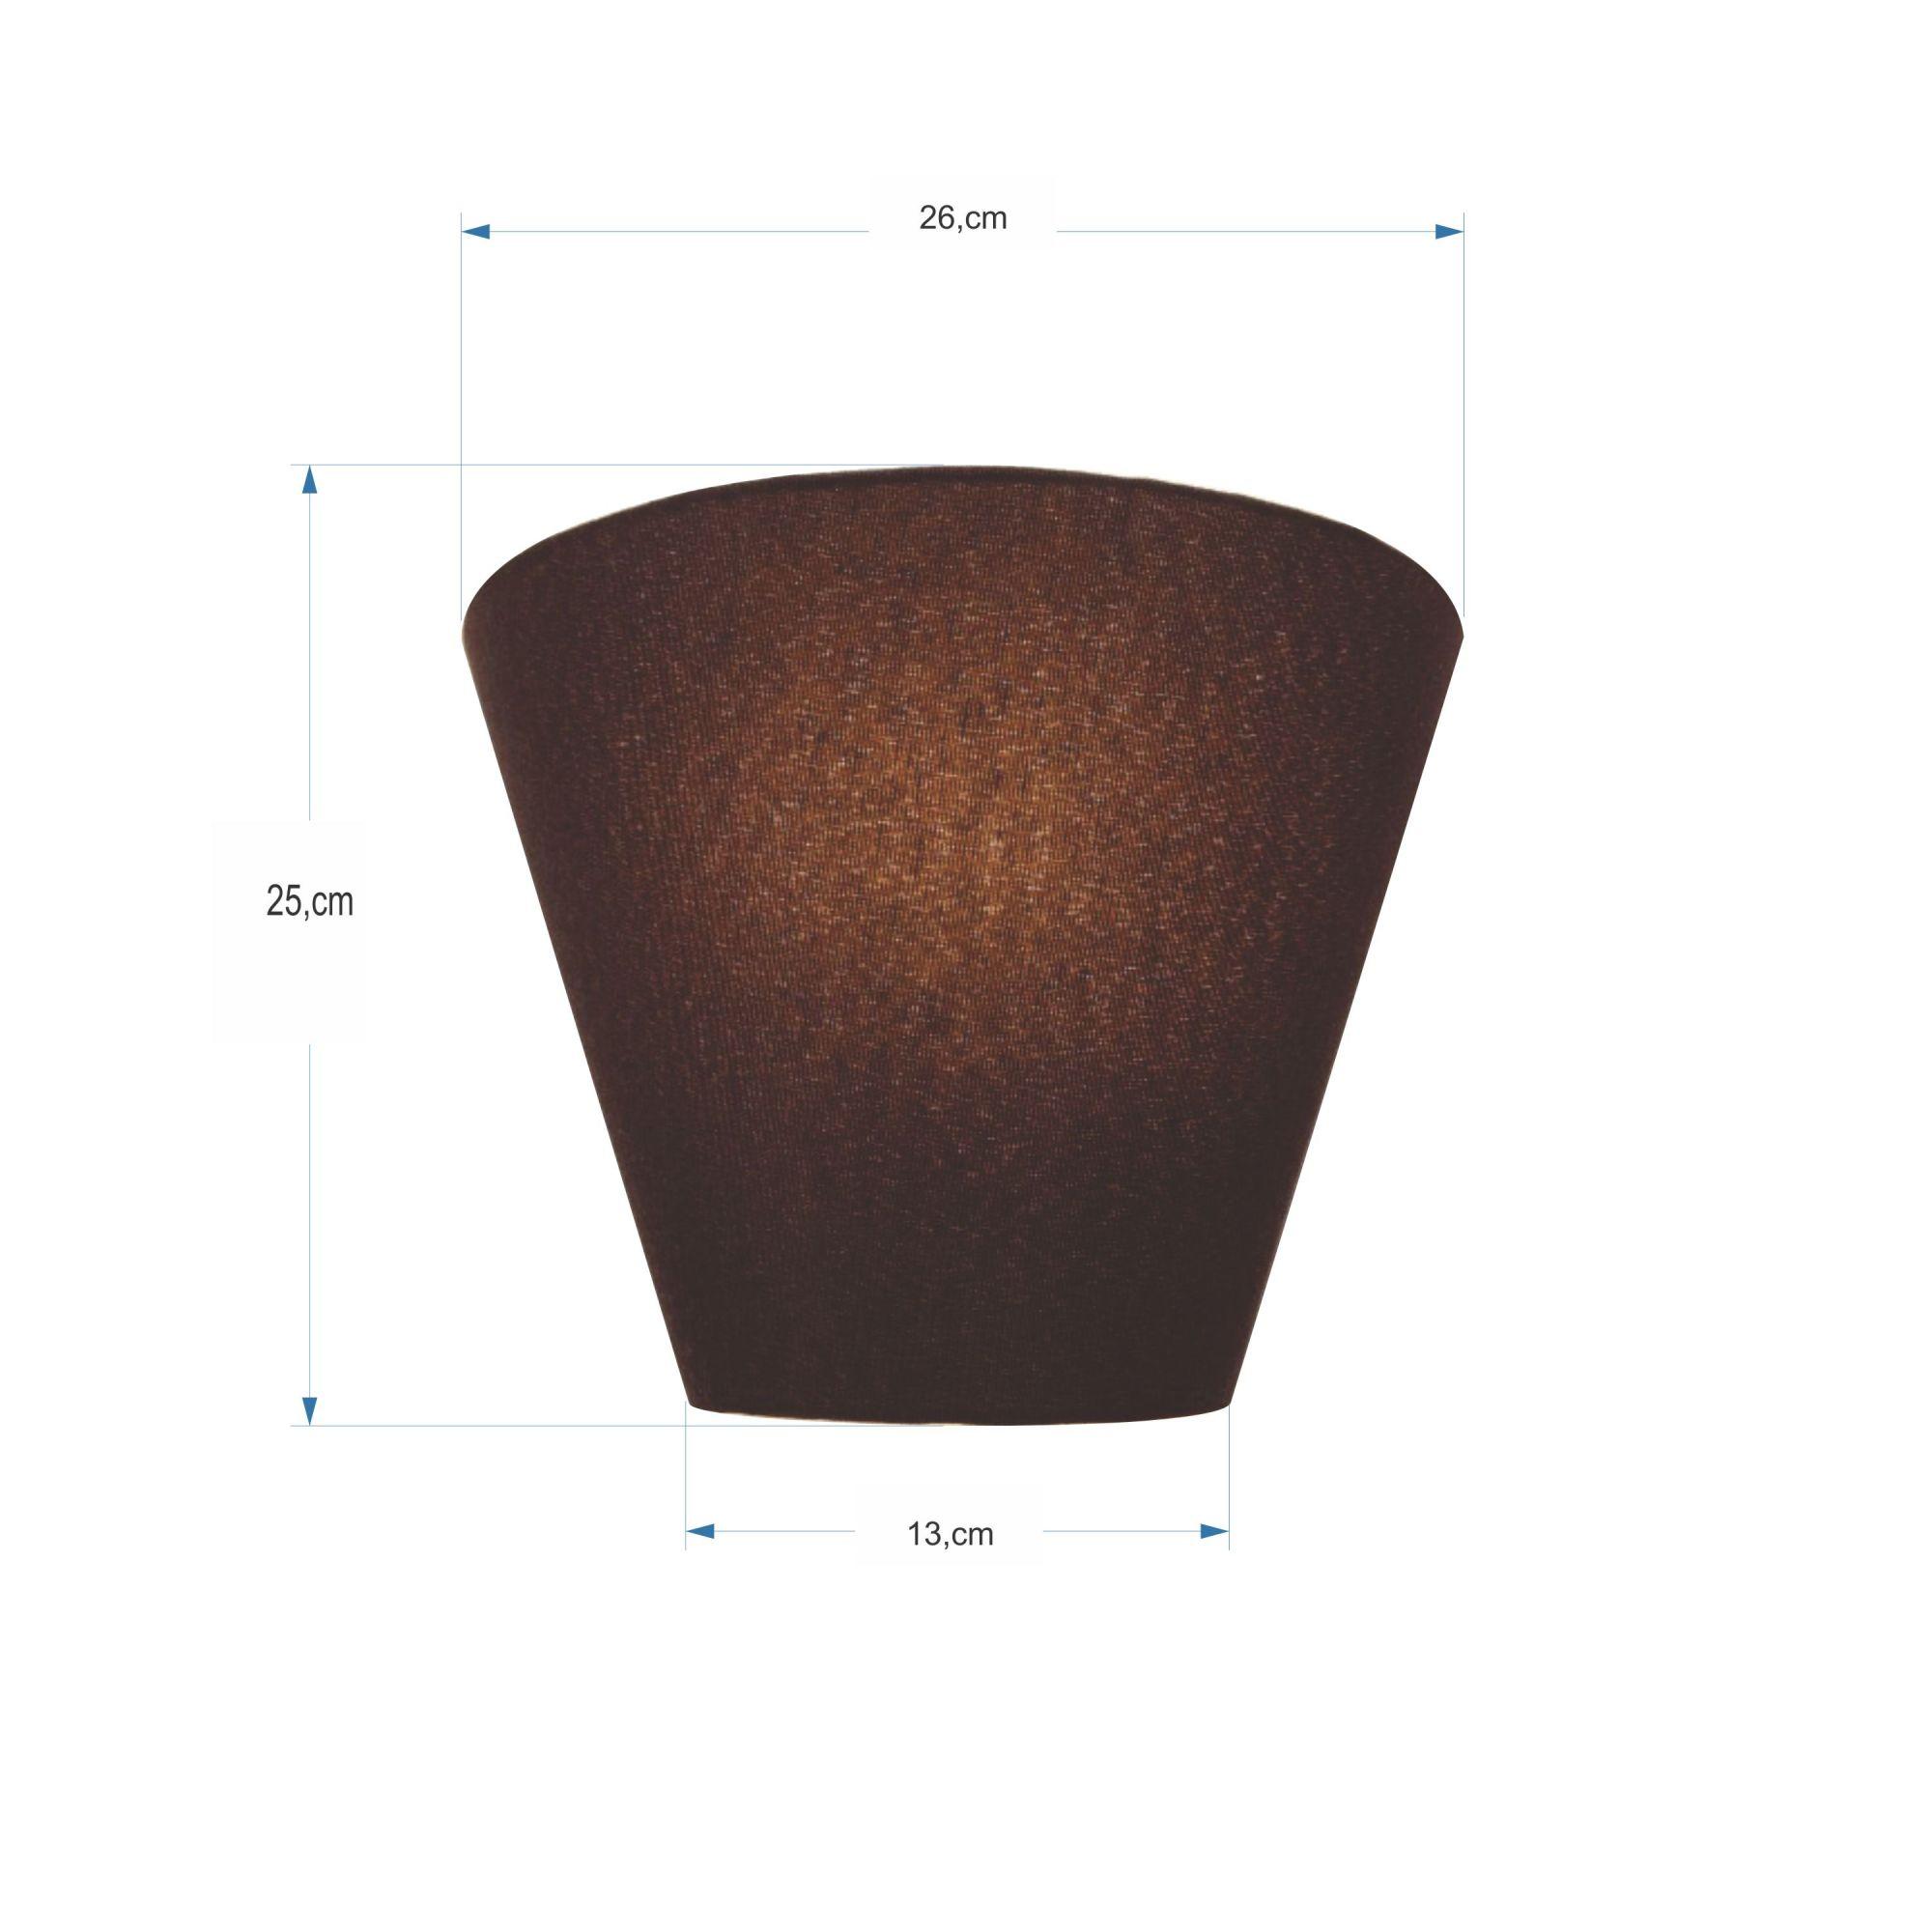 Kit/2 Arandela Retro Cone Md-2001 Cúpula em Tecido 25/26x13cm Café - Bivolt